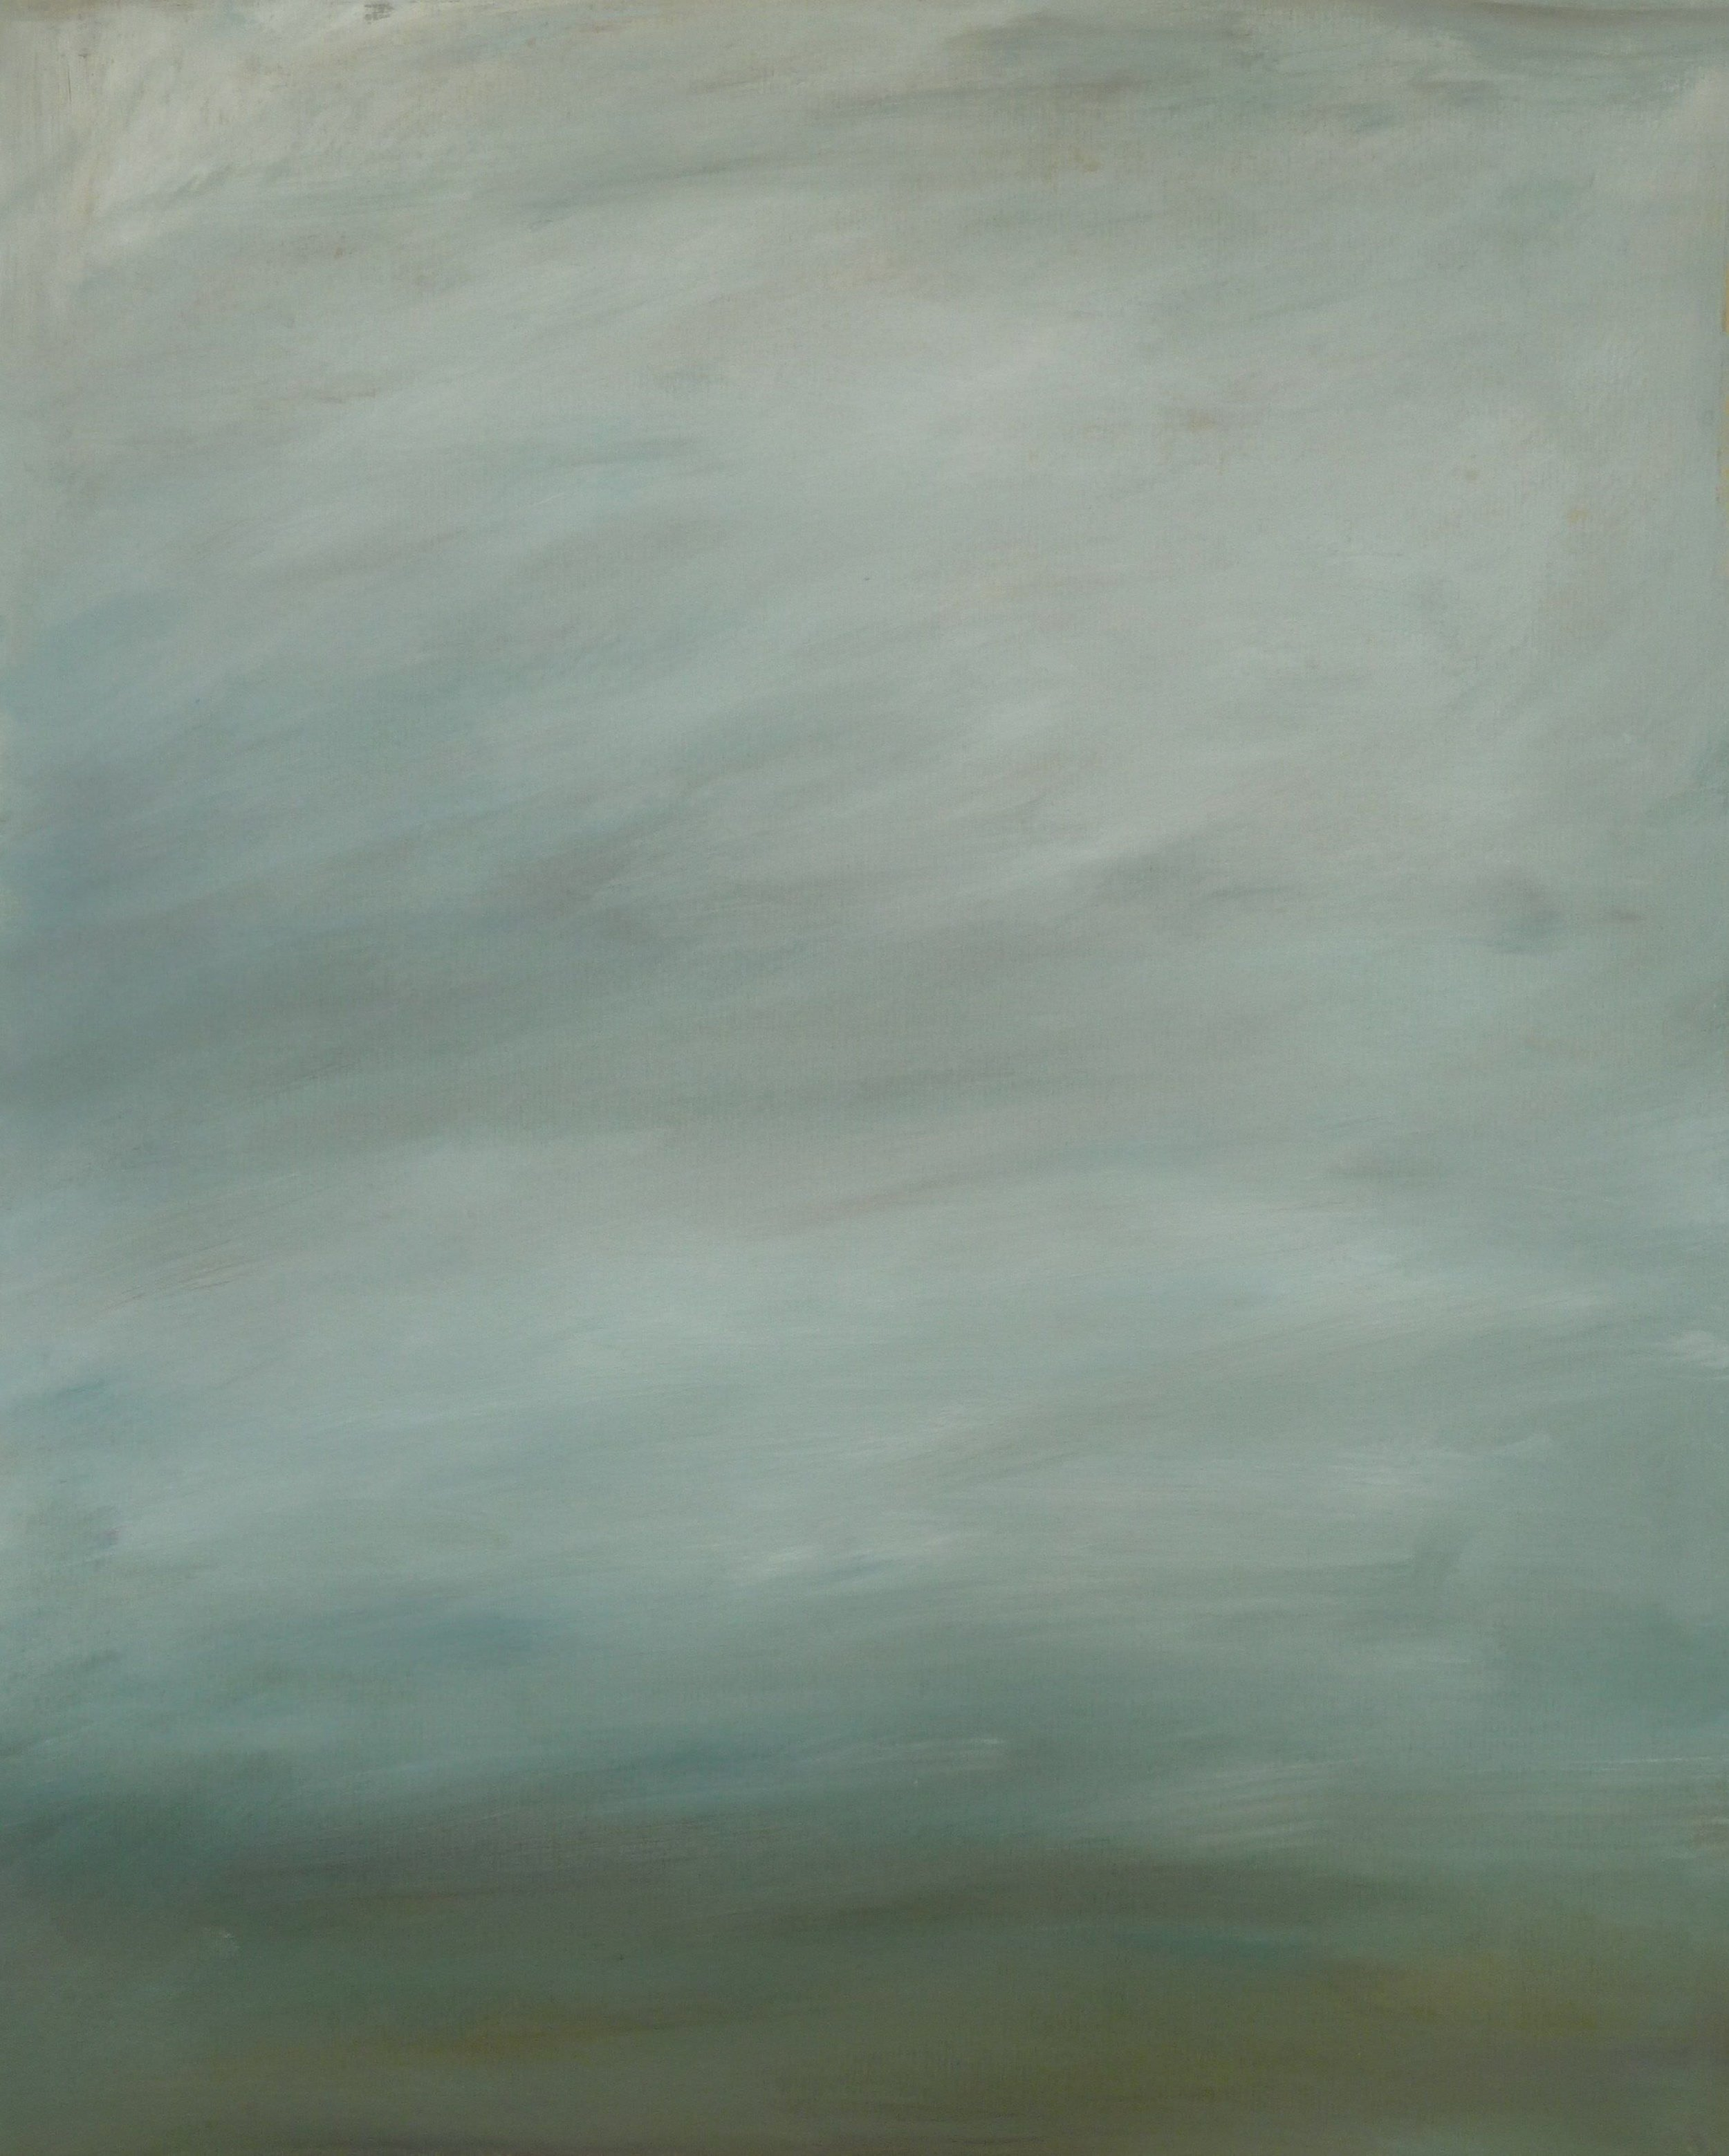 St Ives sky study III